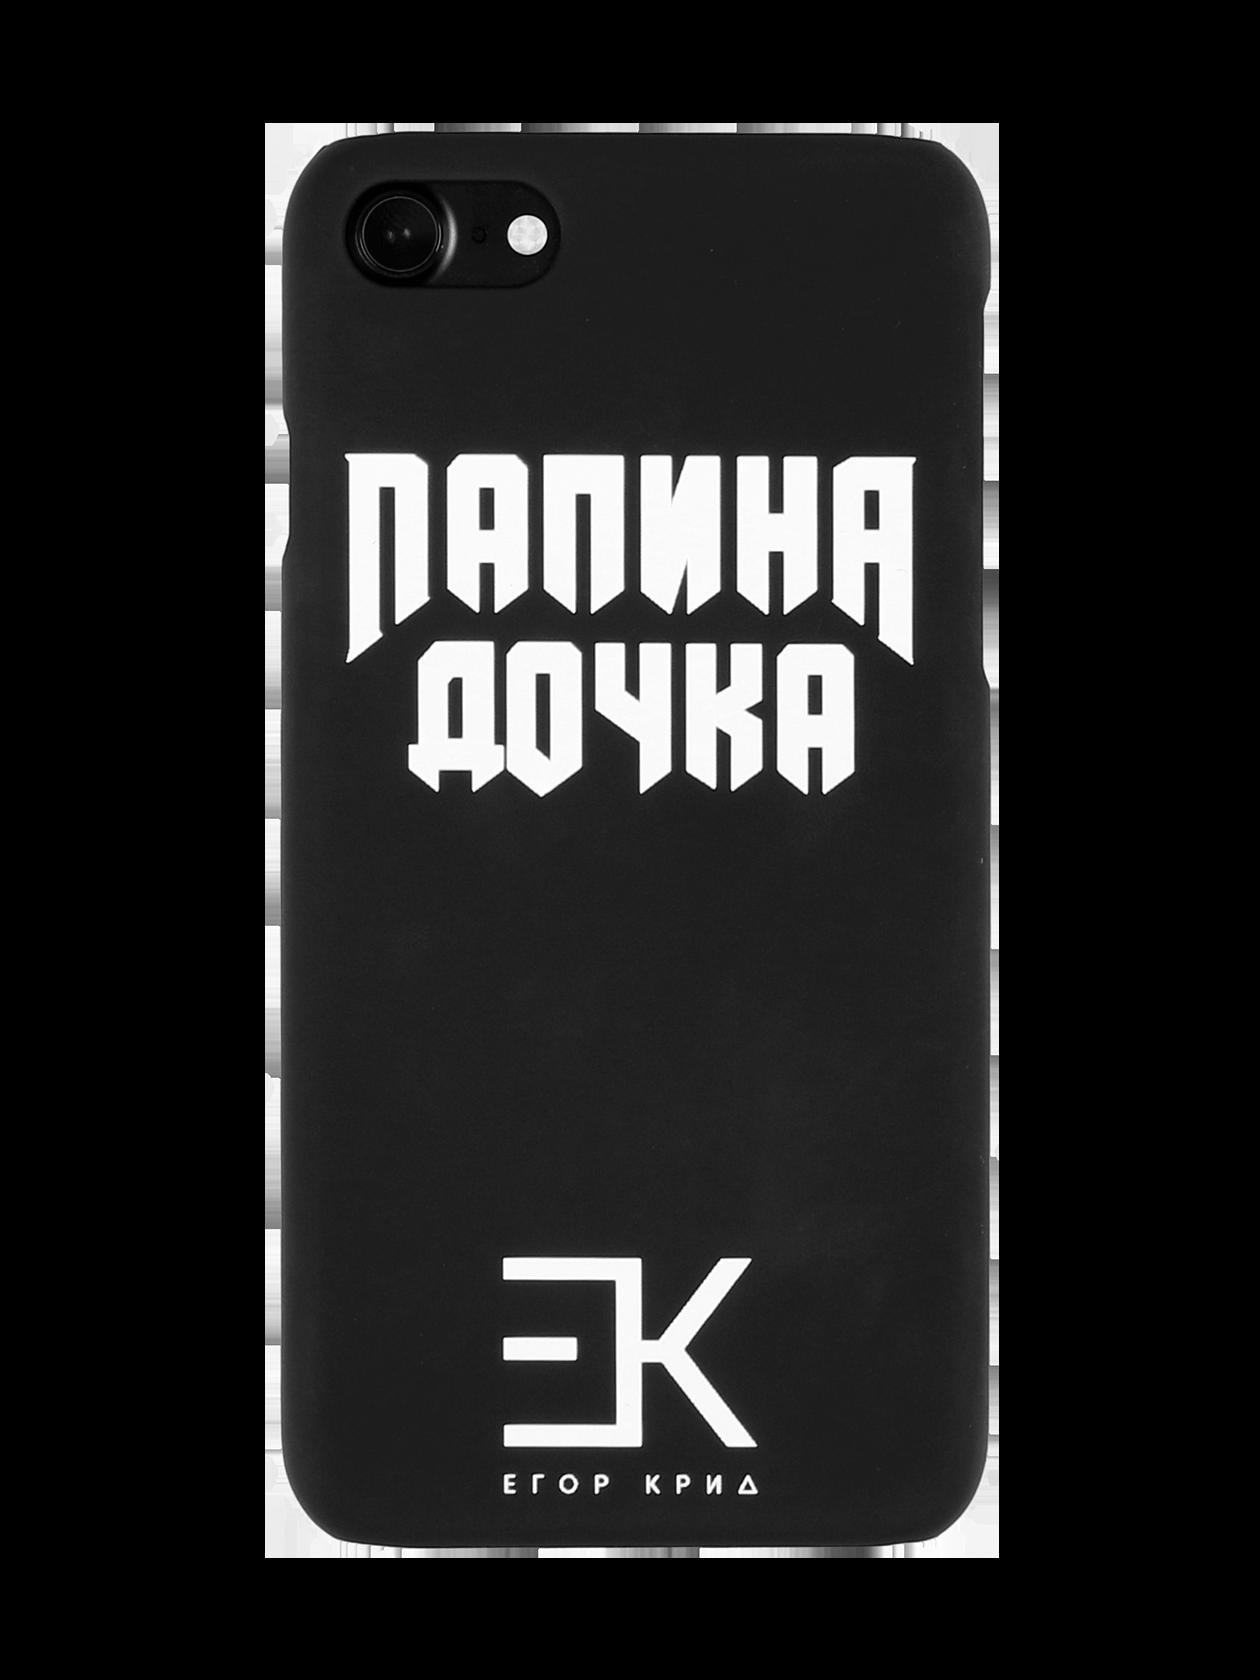 Чехол для телефона DAUGHTER EK<br><br>Размер: 6+<br>Цвет: Черный<br>Пол: Унисекс